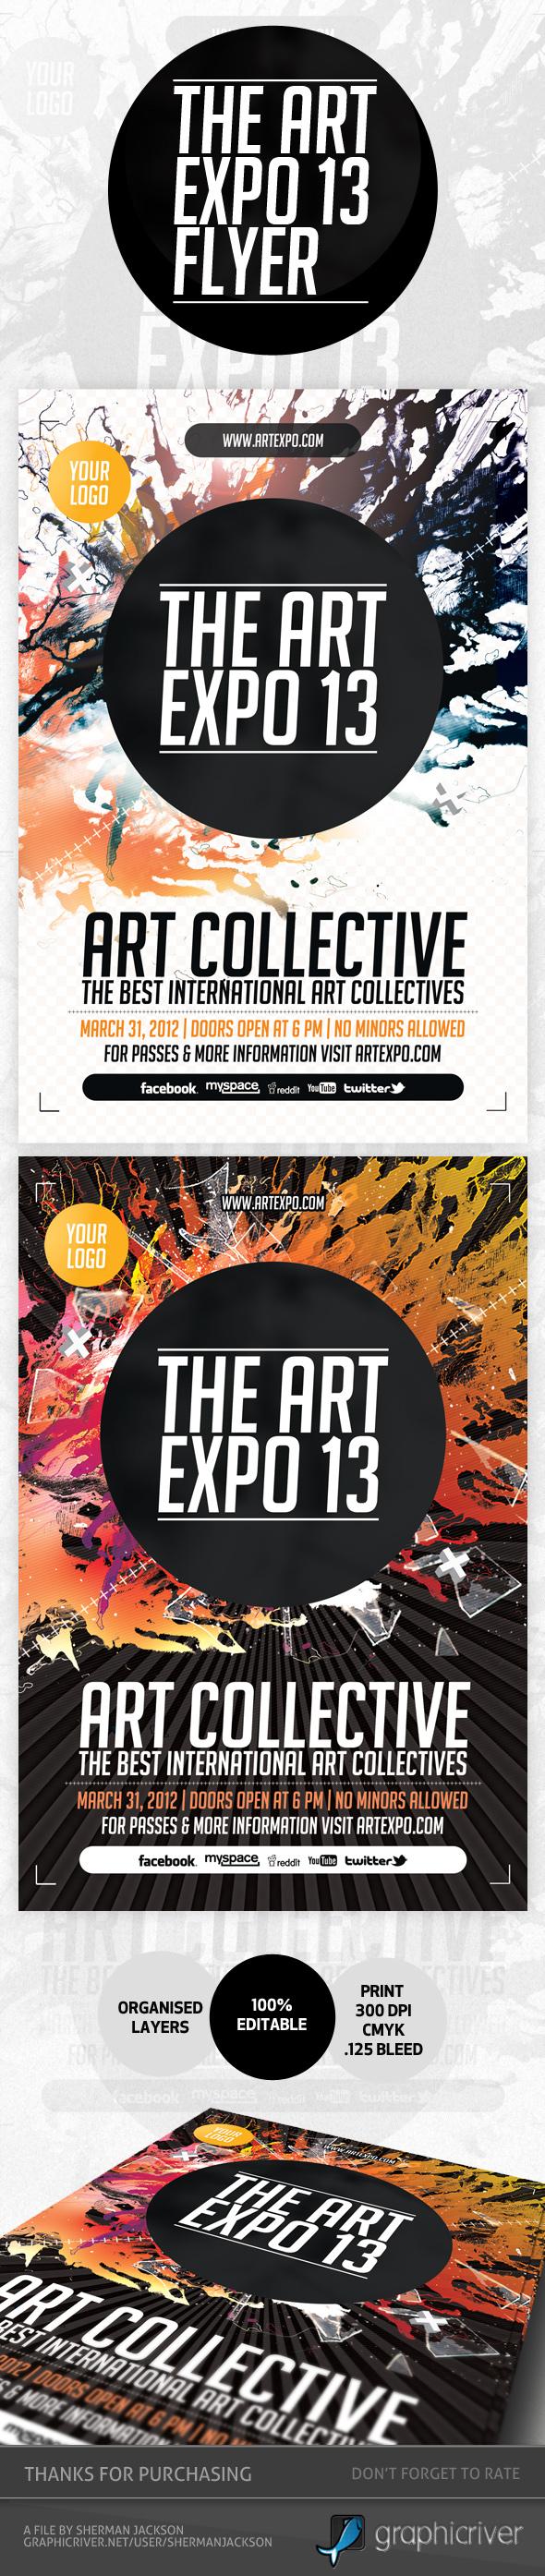 art expo art show event flyer template psd on behance